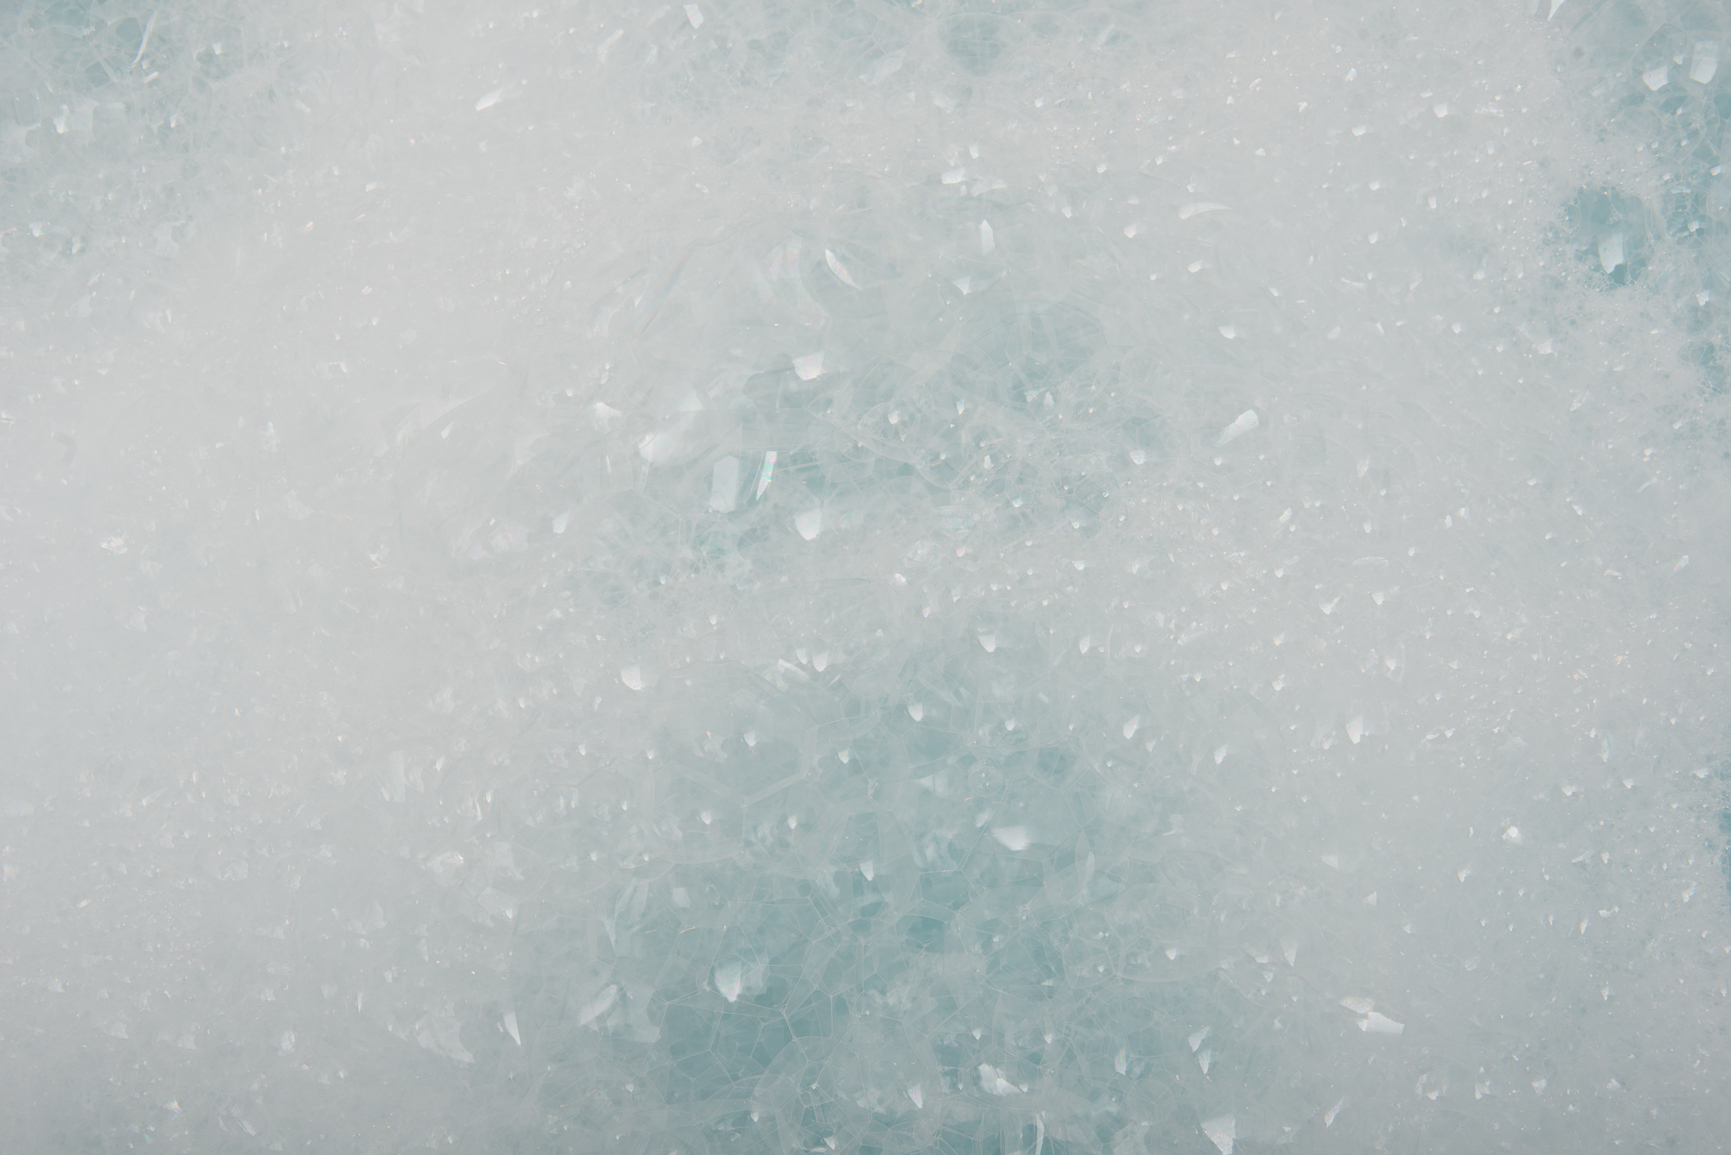 schaumbad mit viel schaum machen - badewannen-blog, Hause ideen